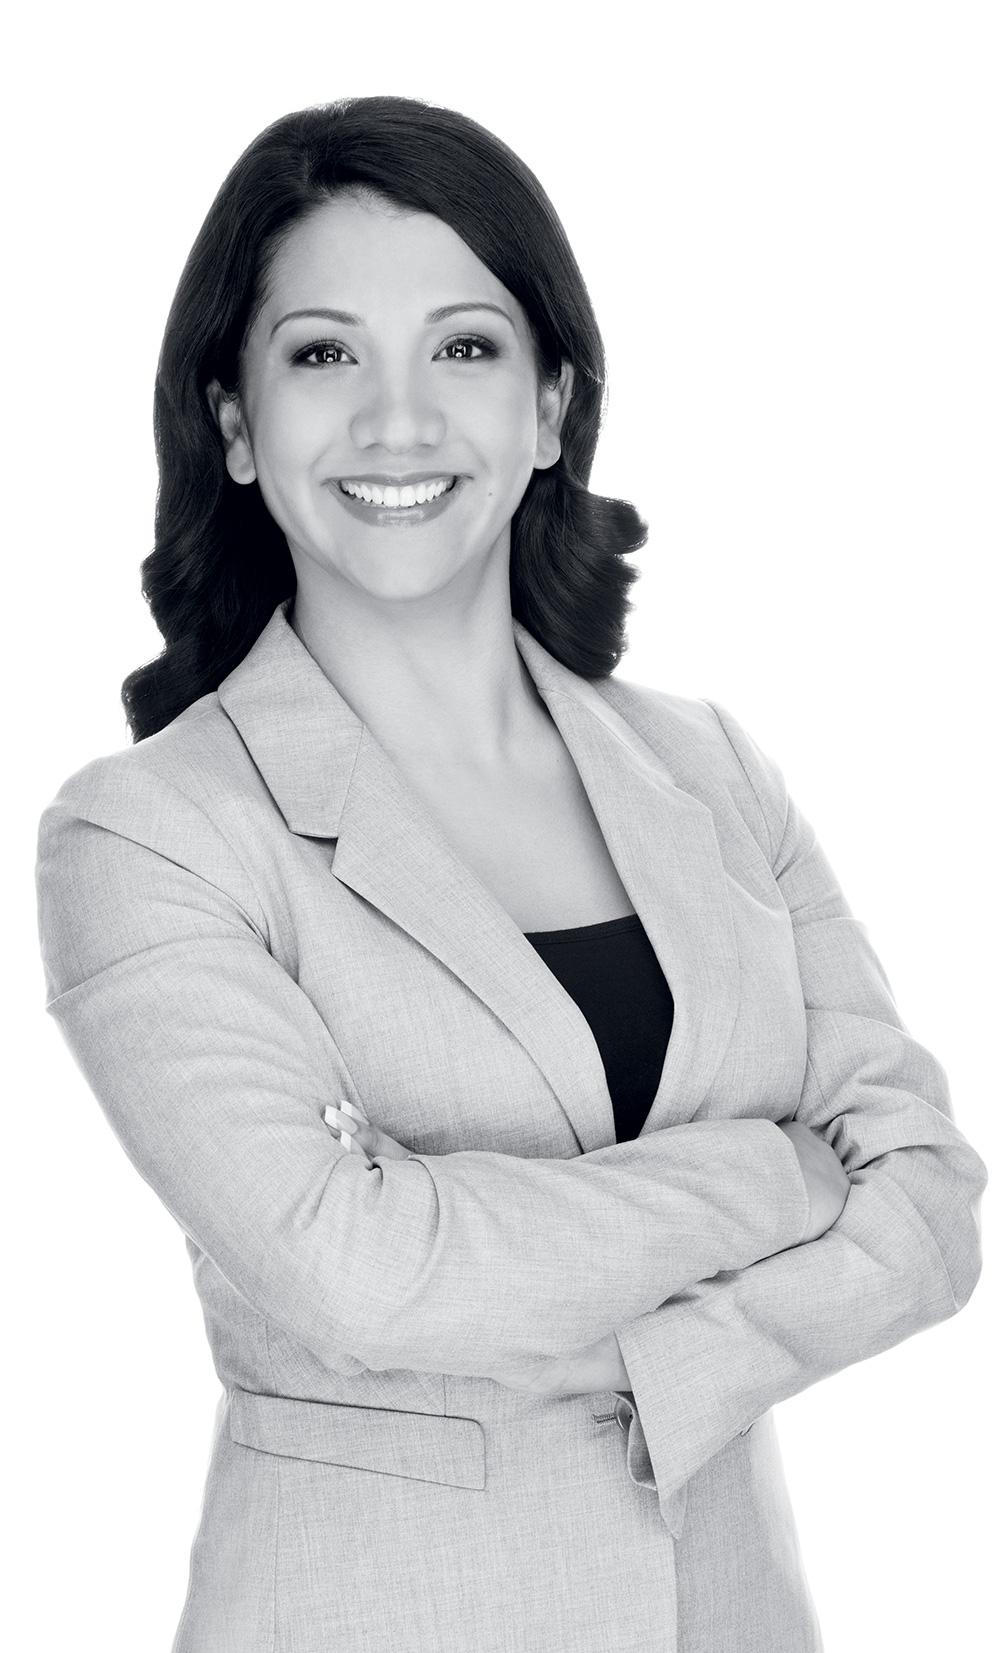 Sofia Pellegrino